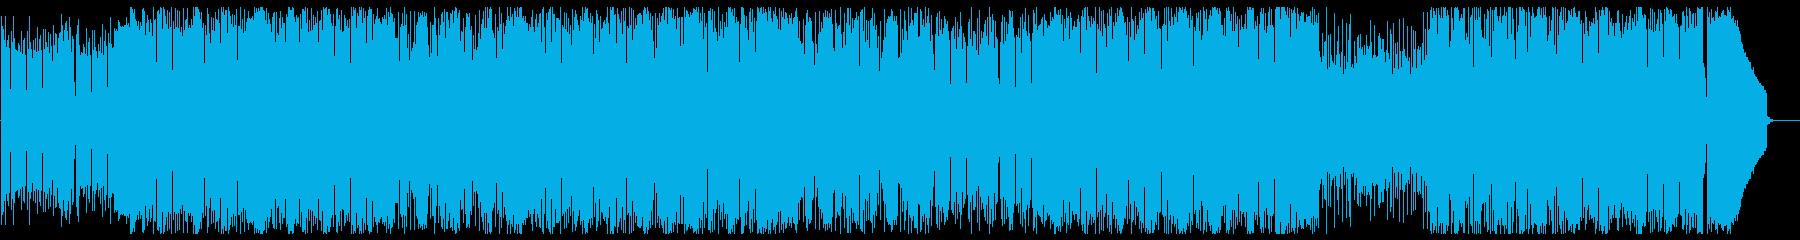 BassとPianoが勢いのある曲の再生済みの波形